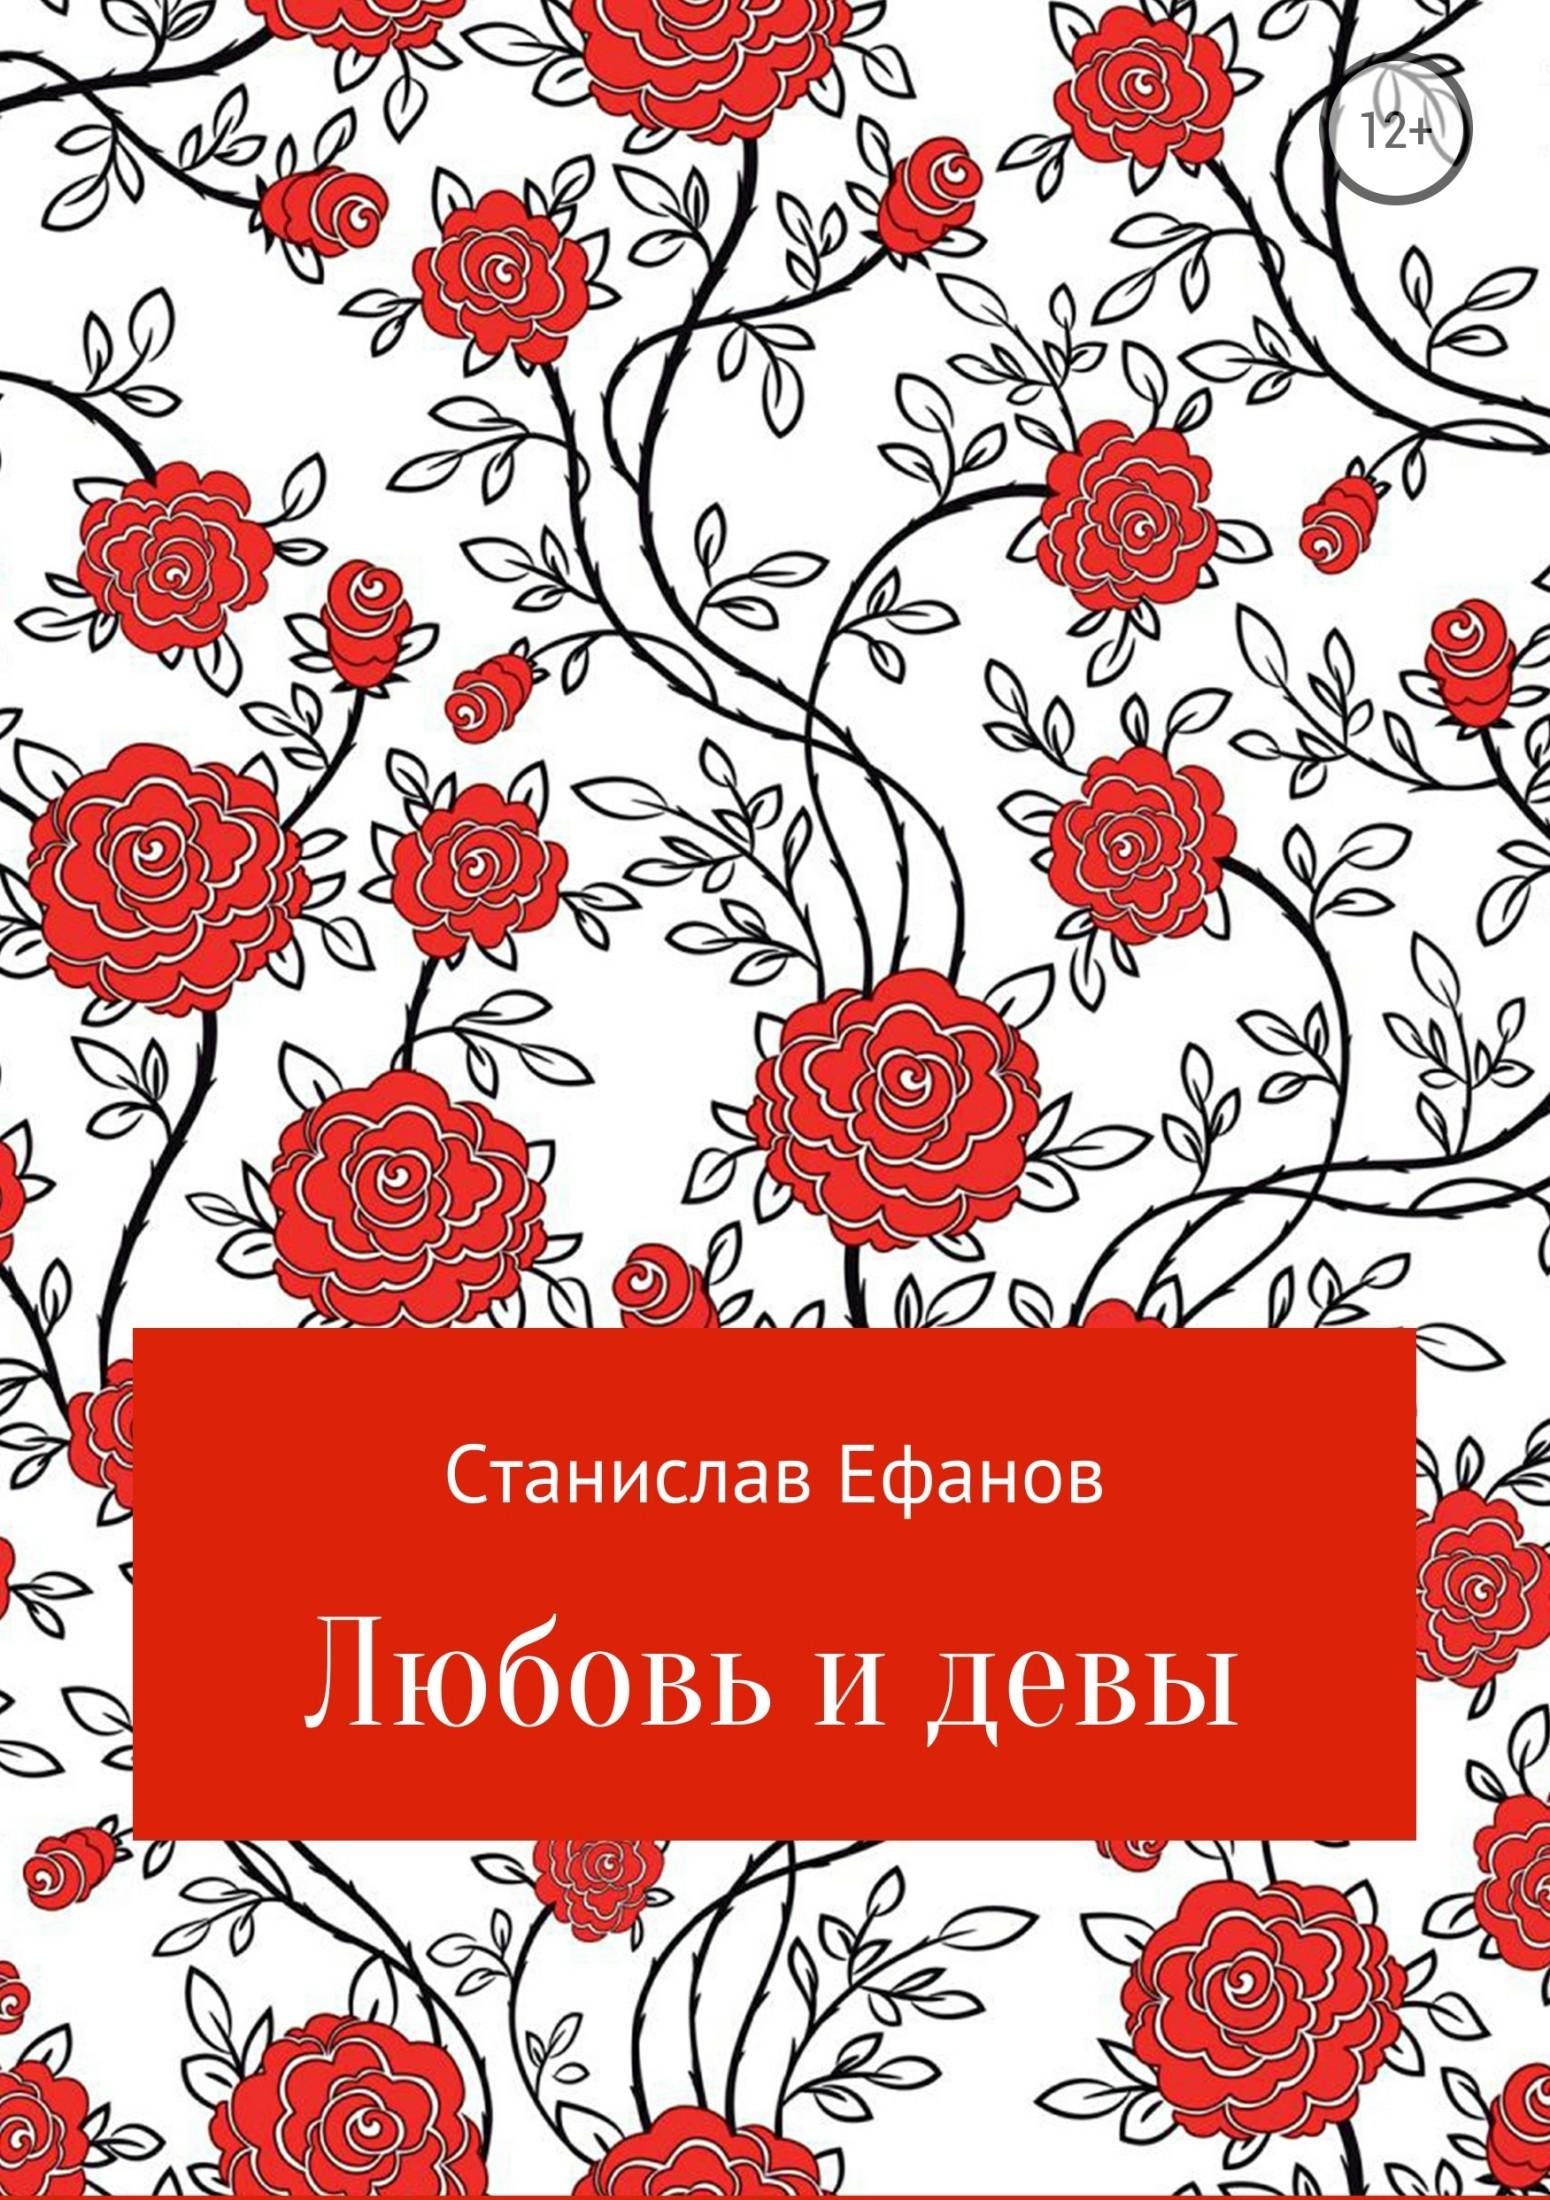 Станислав Валерьевич Ефанов Любовь и девы алексей валерьевич палысаев дар